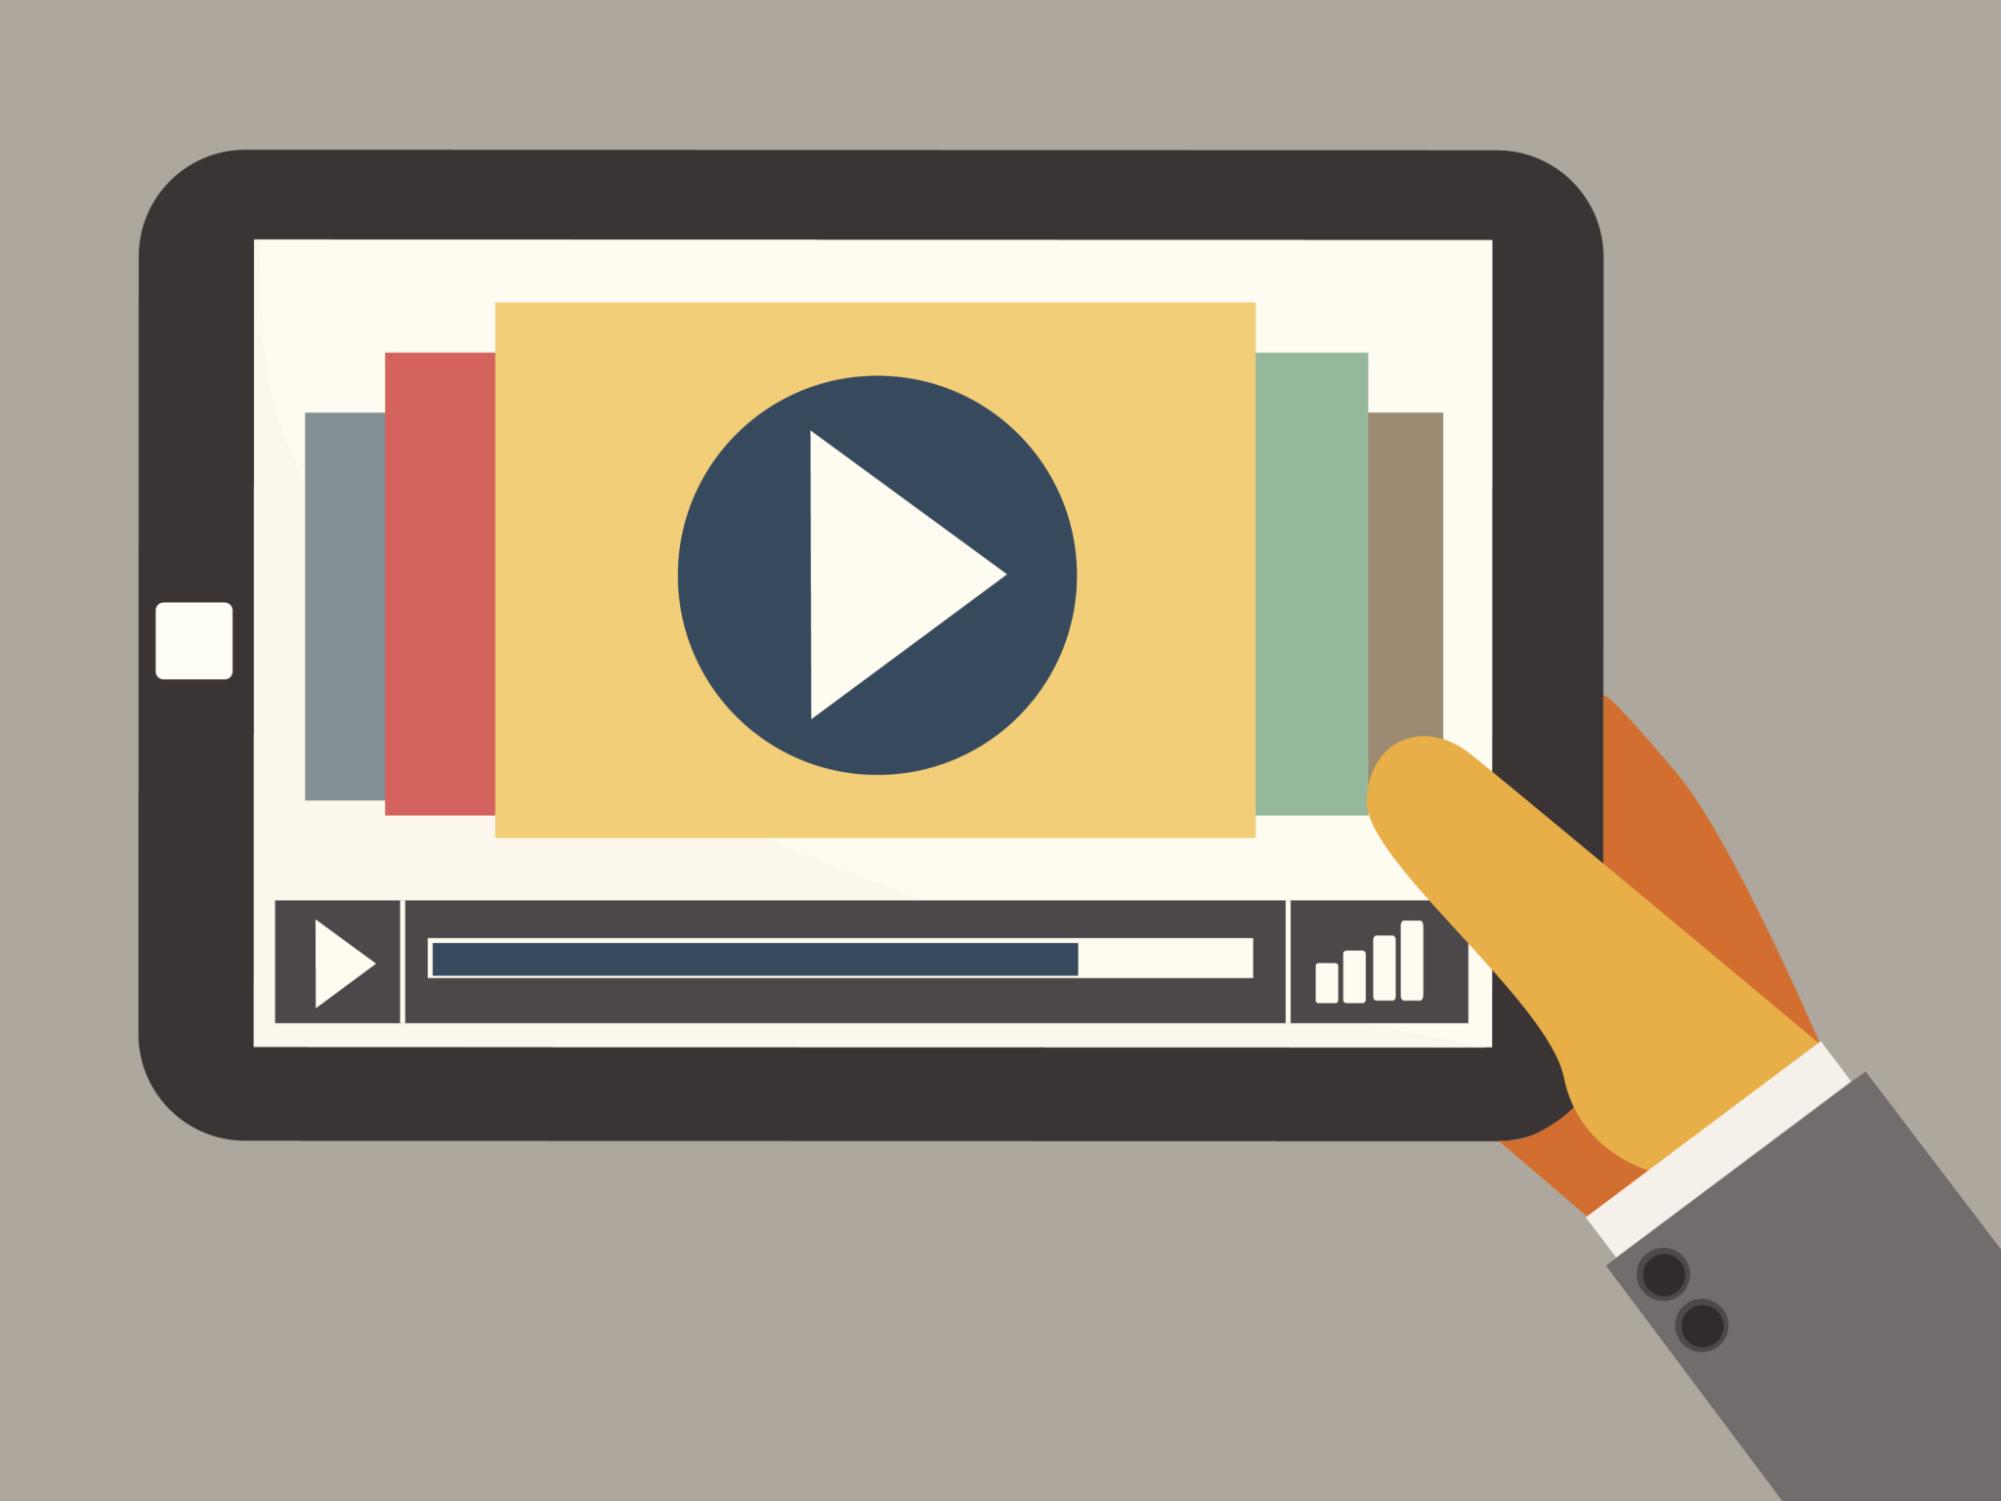 Как будет доработан законопроект о едином поставщике телеконтента в онлайне